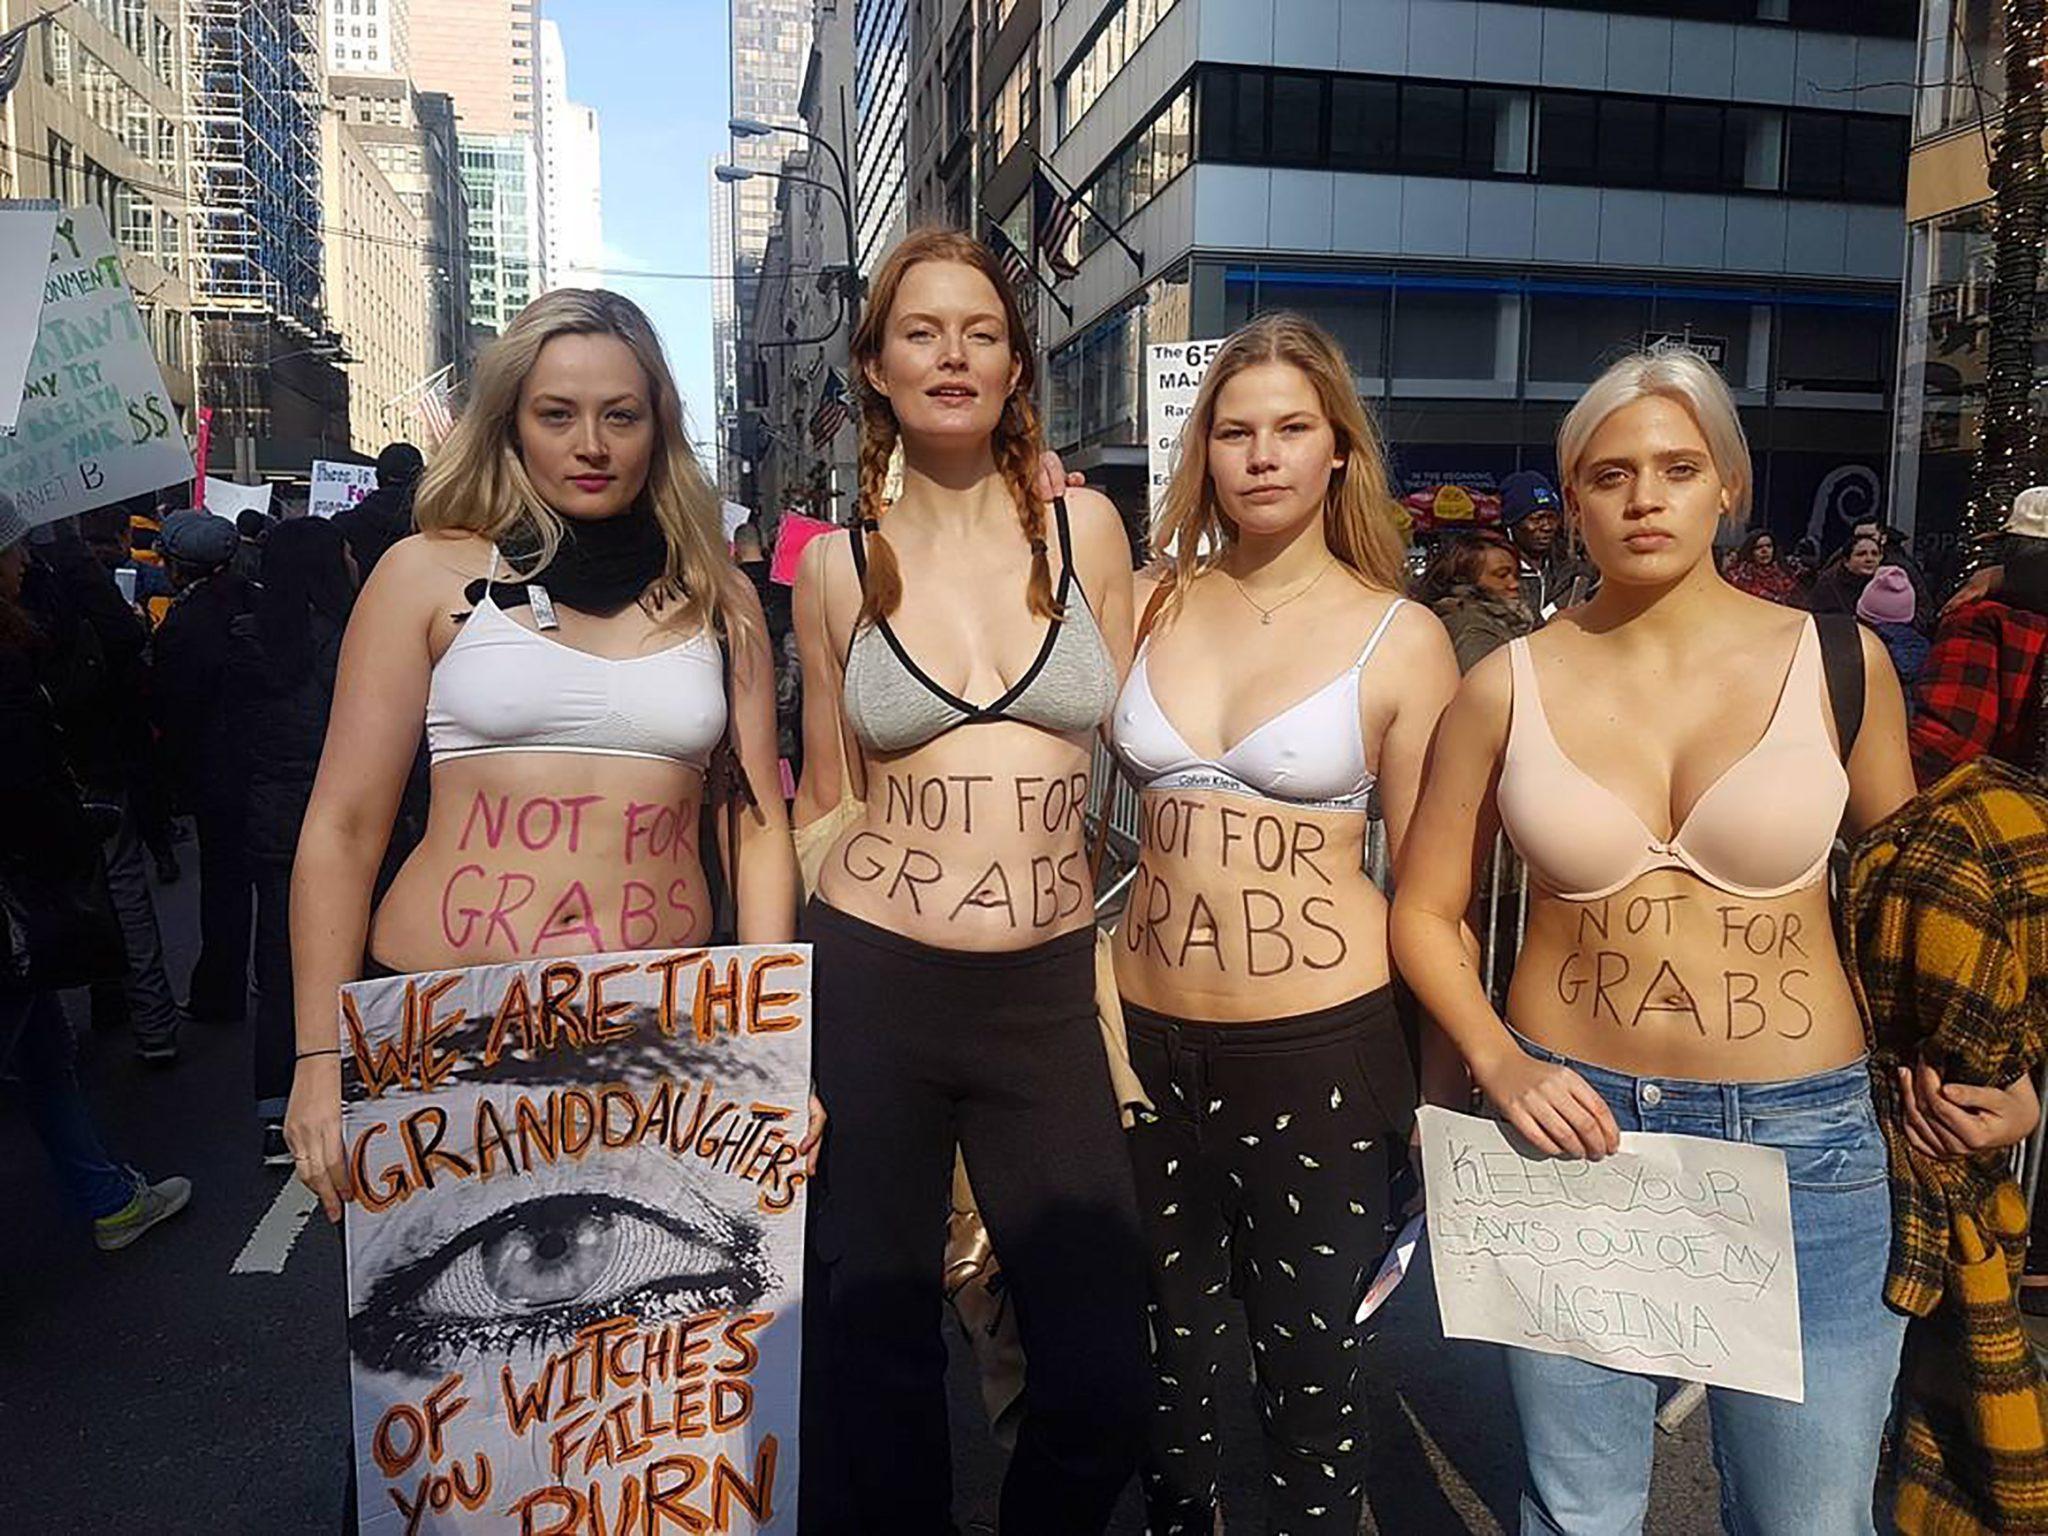 Cztery dziewczyny ubrane w spodnie i biustonosze na marszu